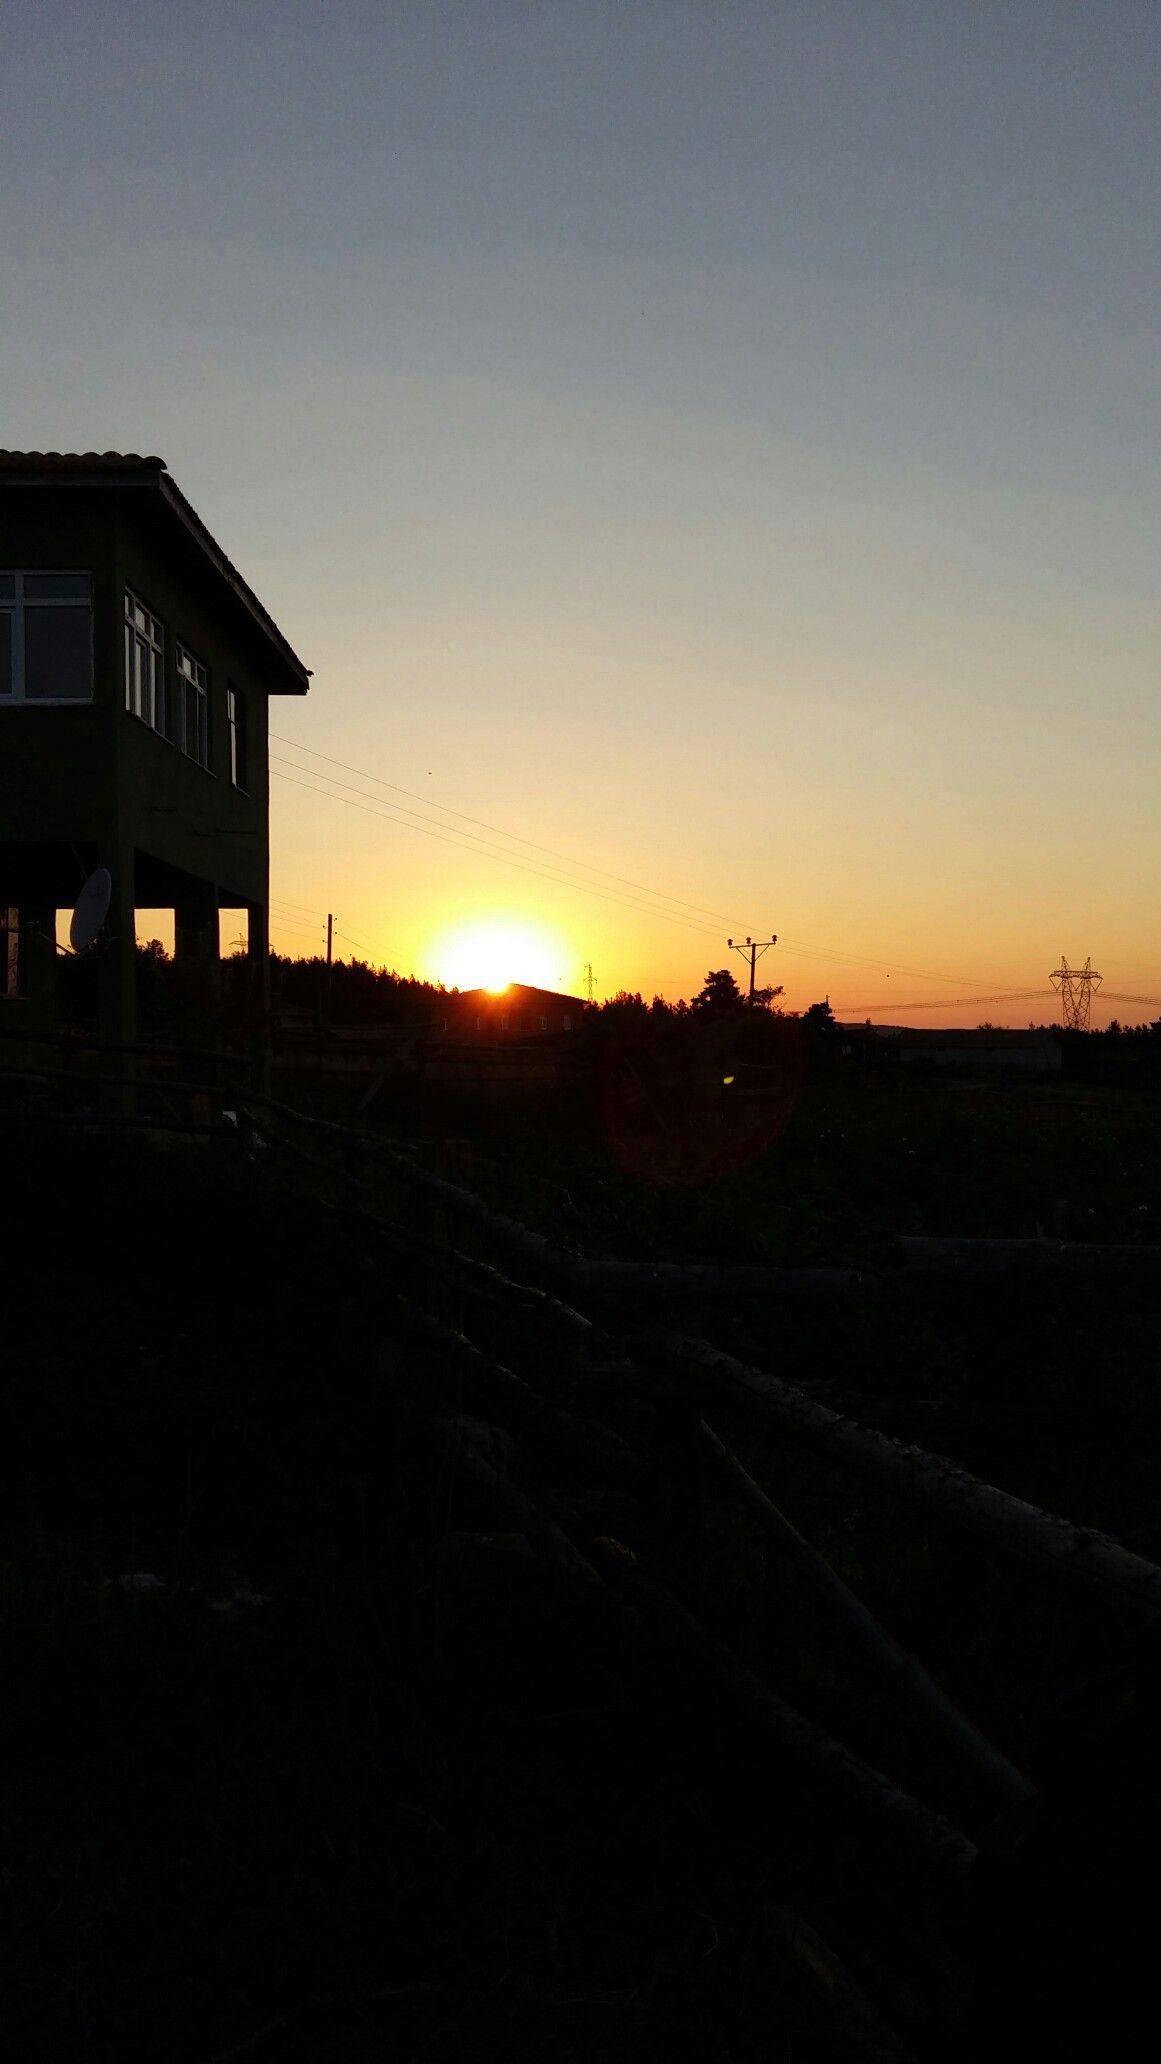 Olsa Olsa Gün Batımı Aşkıdır Bu Batan Güneşi Birlikte Seyredip